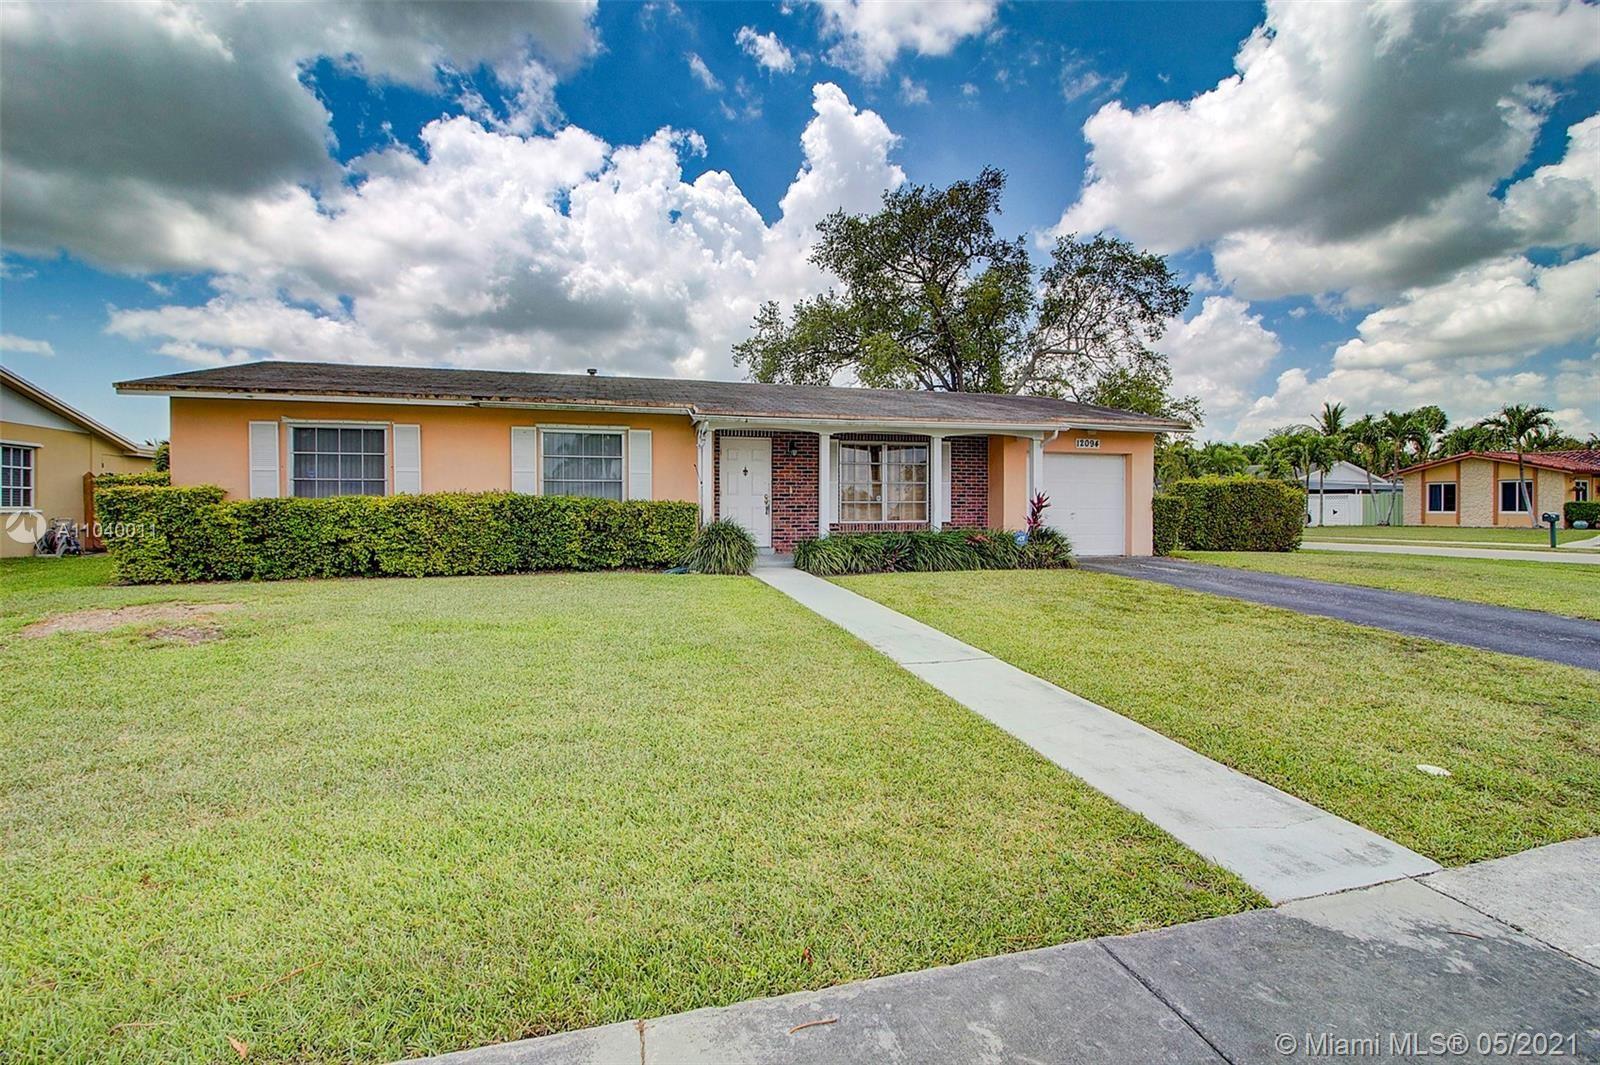 12094 SW 116th Ter, Miami, FL 33186 - #: A11040011